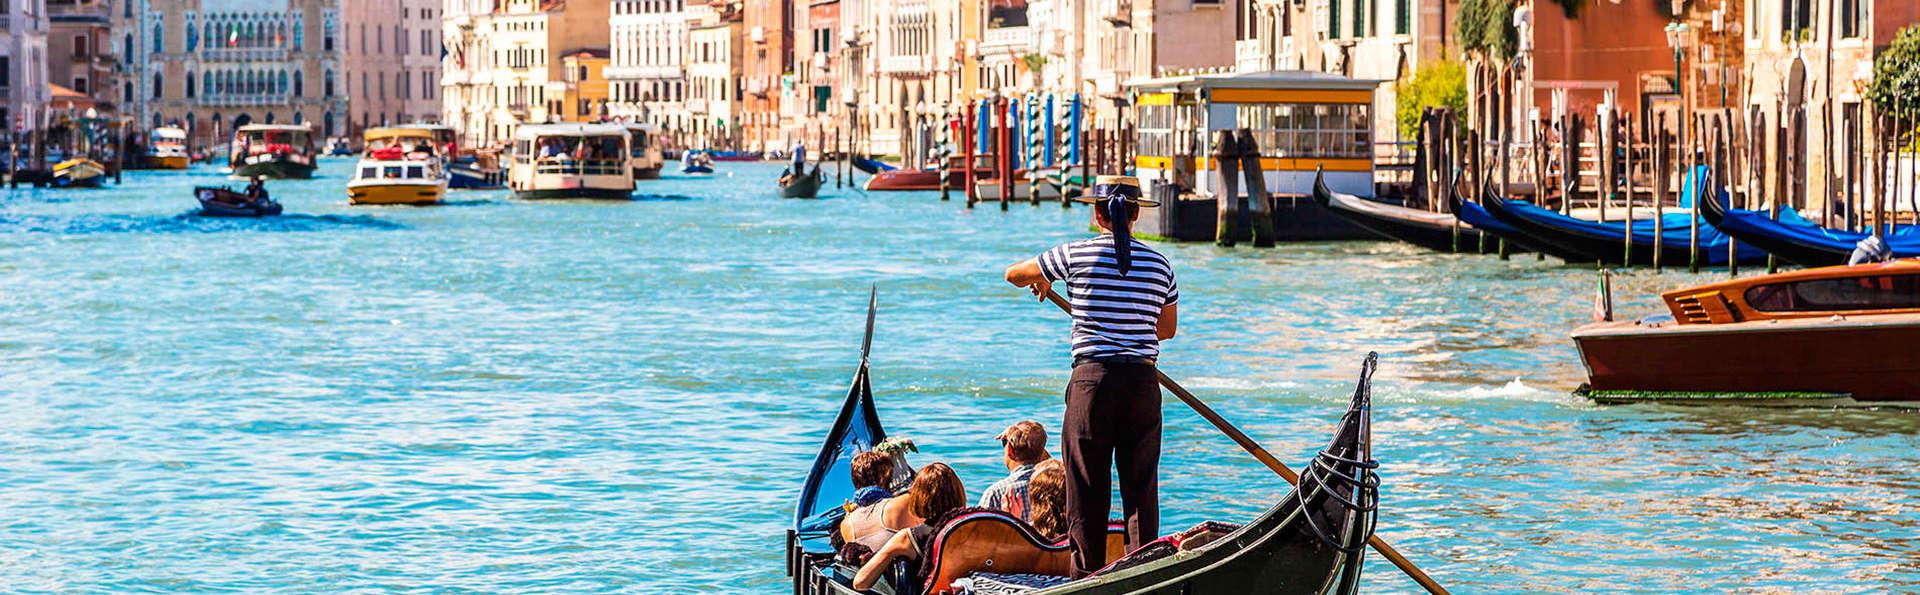 Balade en gondole à Venise (à partir de 2nuits)